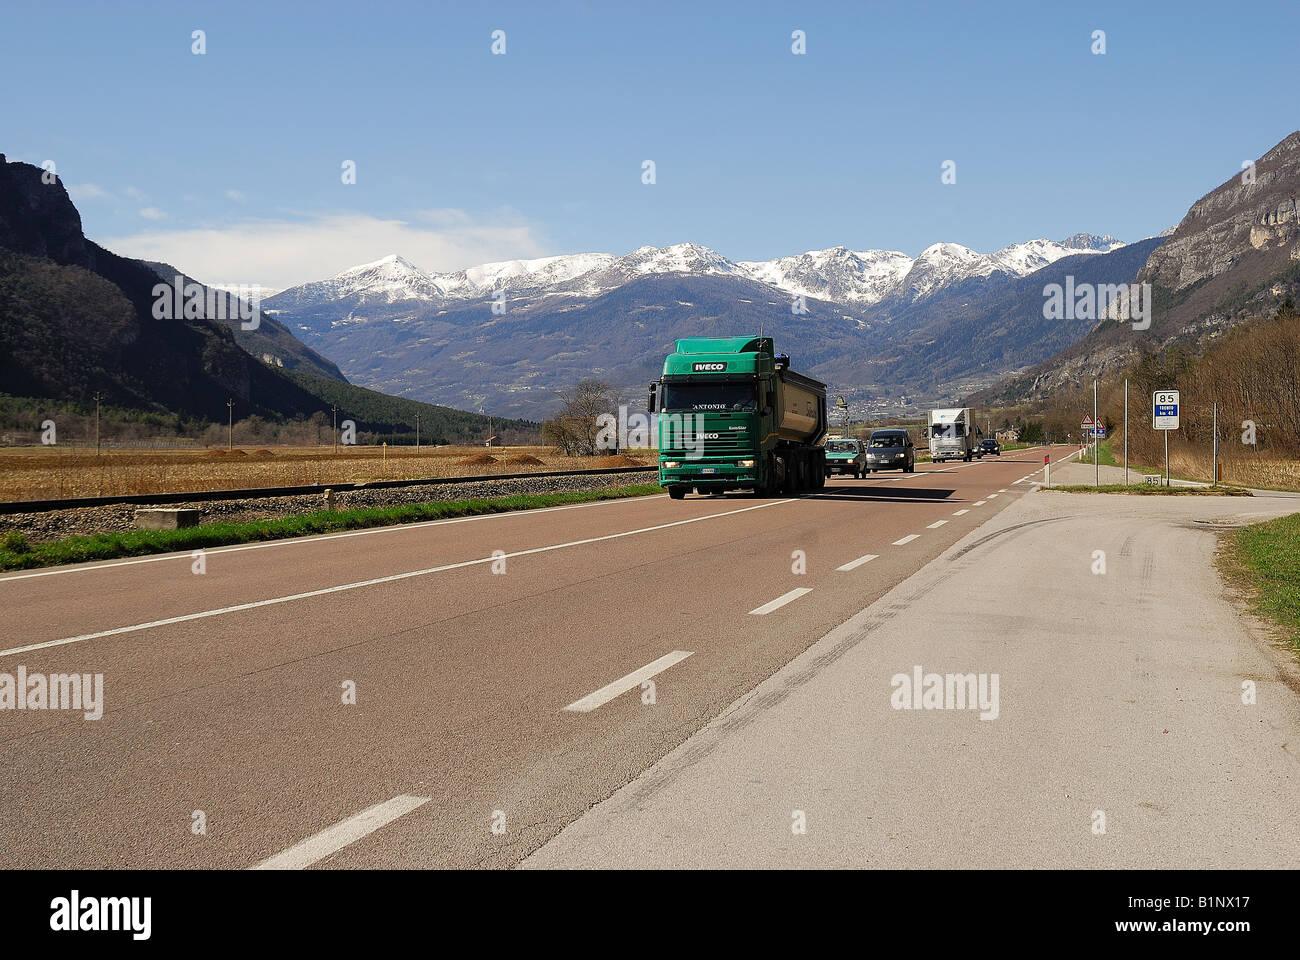 Valsugana higway,Trentino Alto Adige,Italy - Stock Image